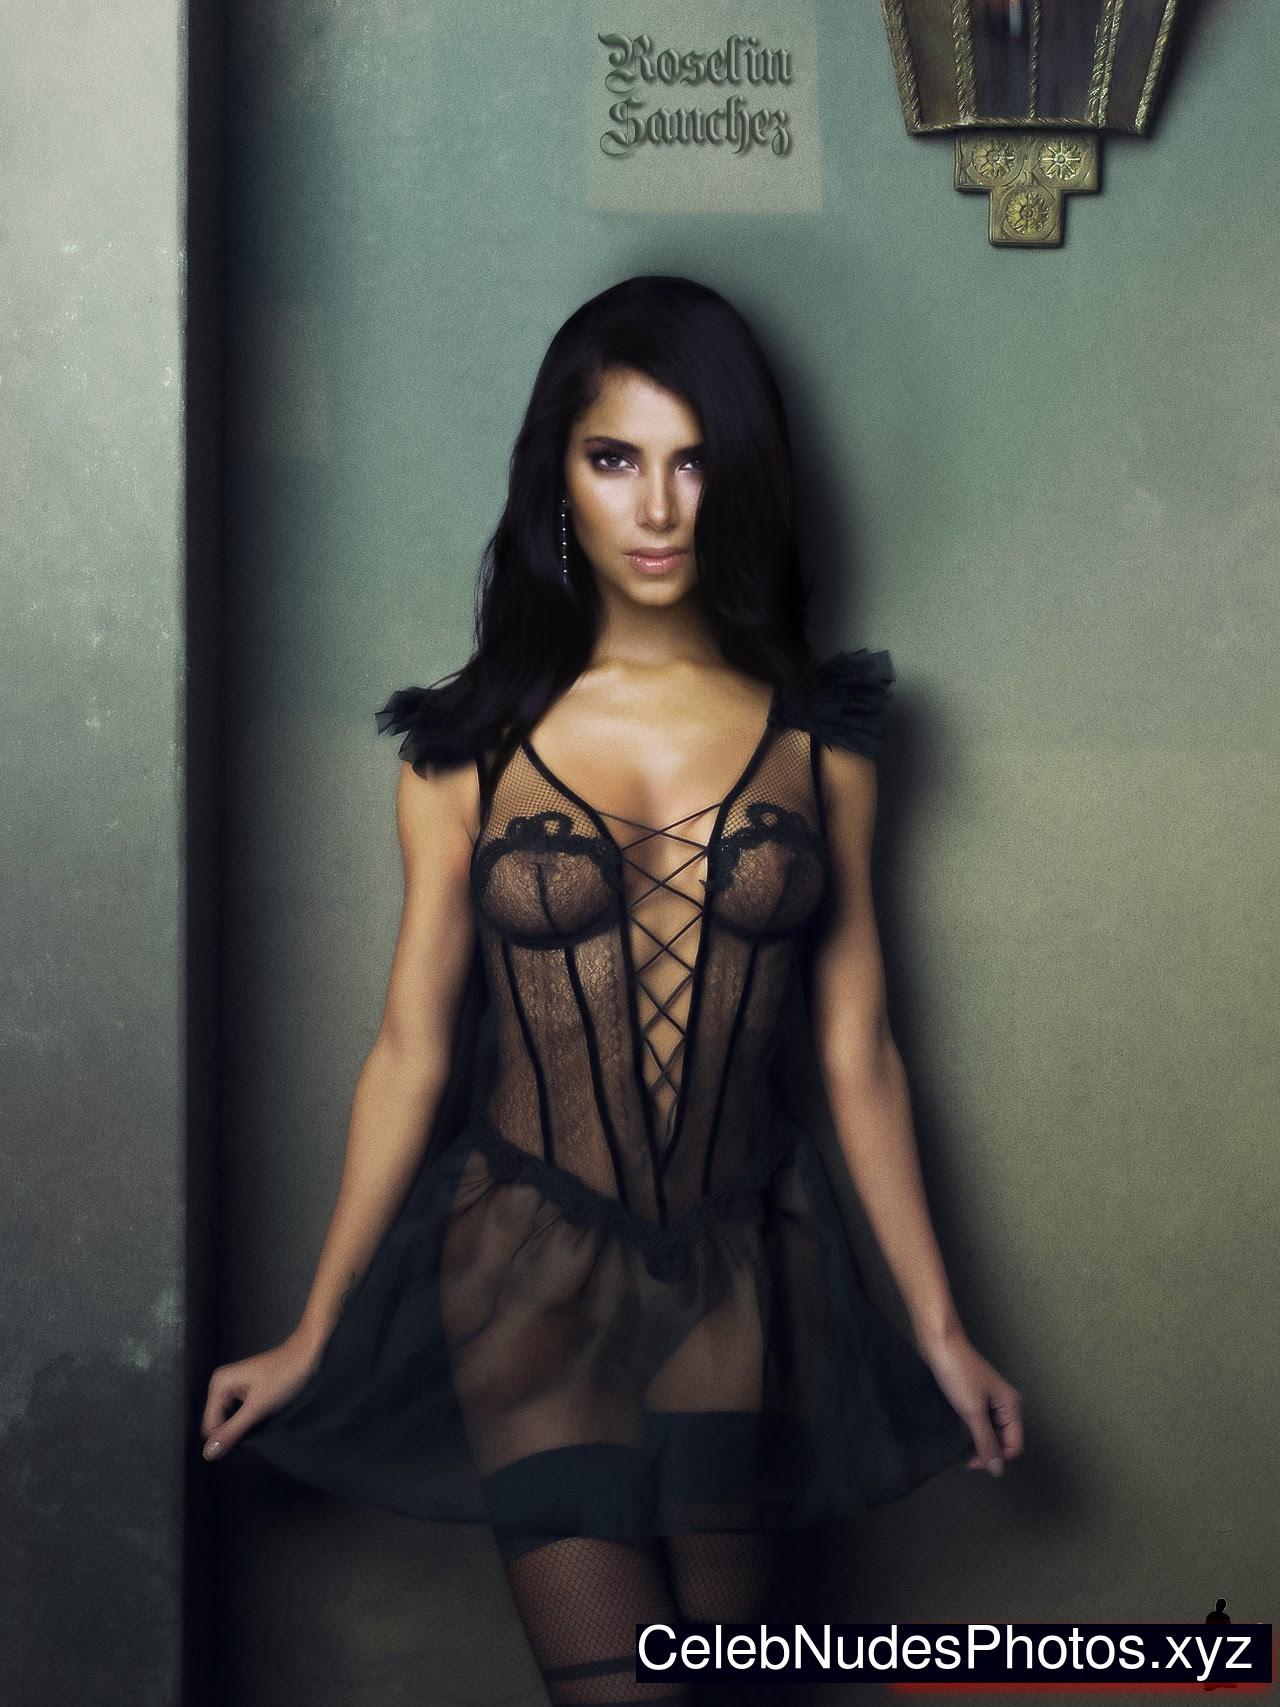 Roselyn sanchez sex Adult videos